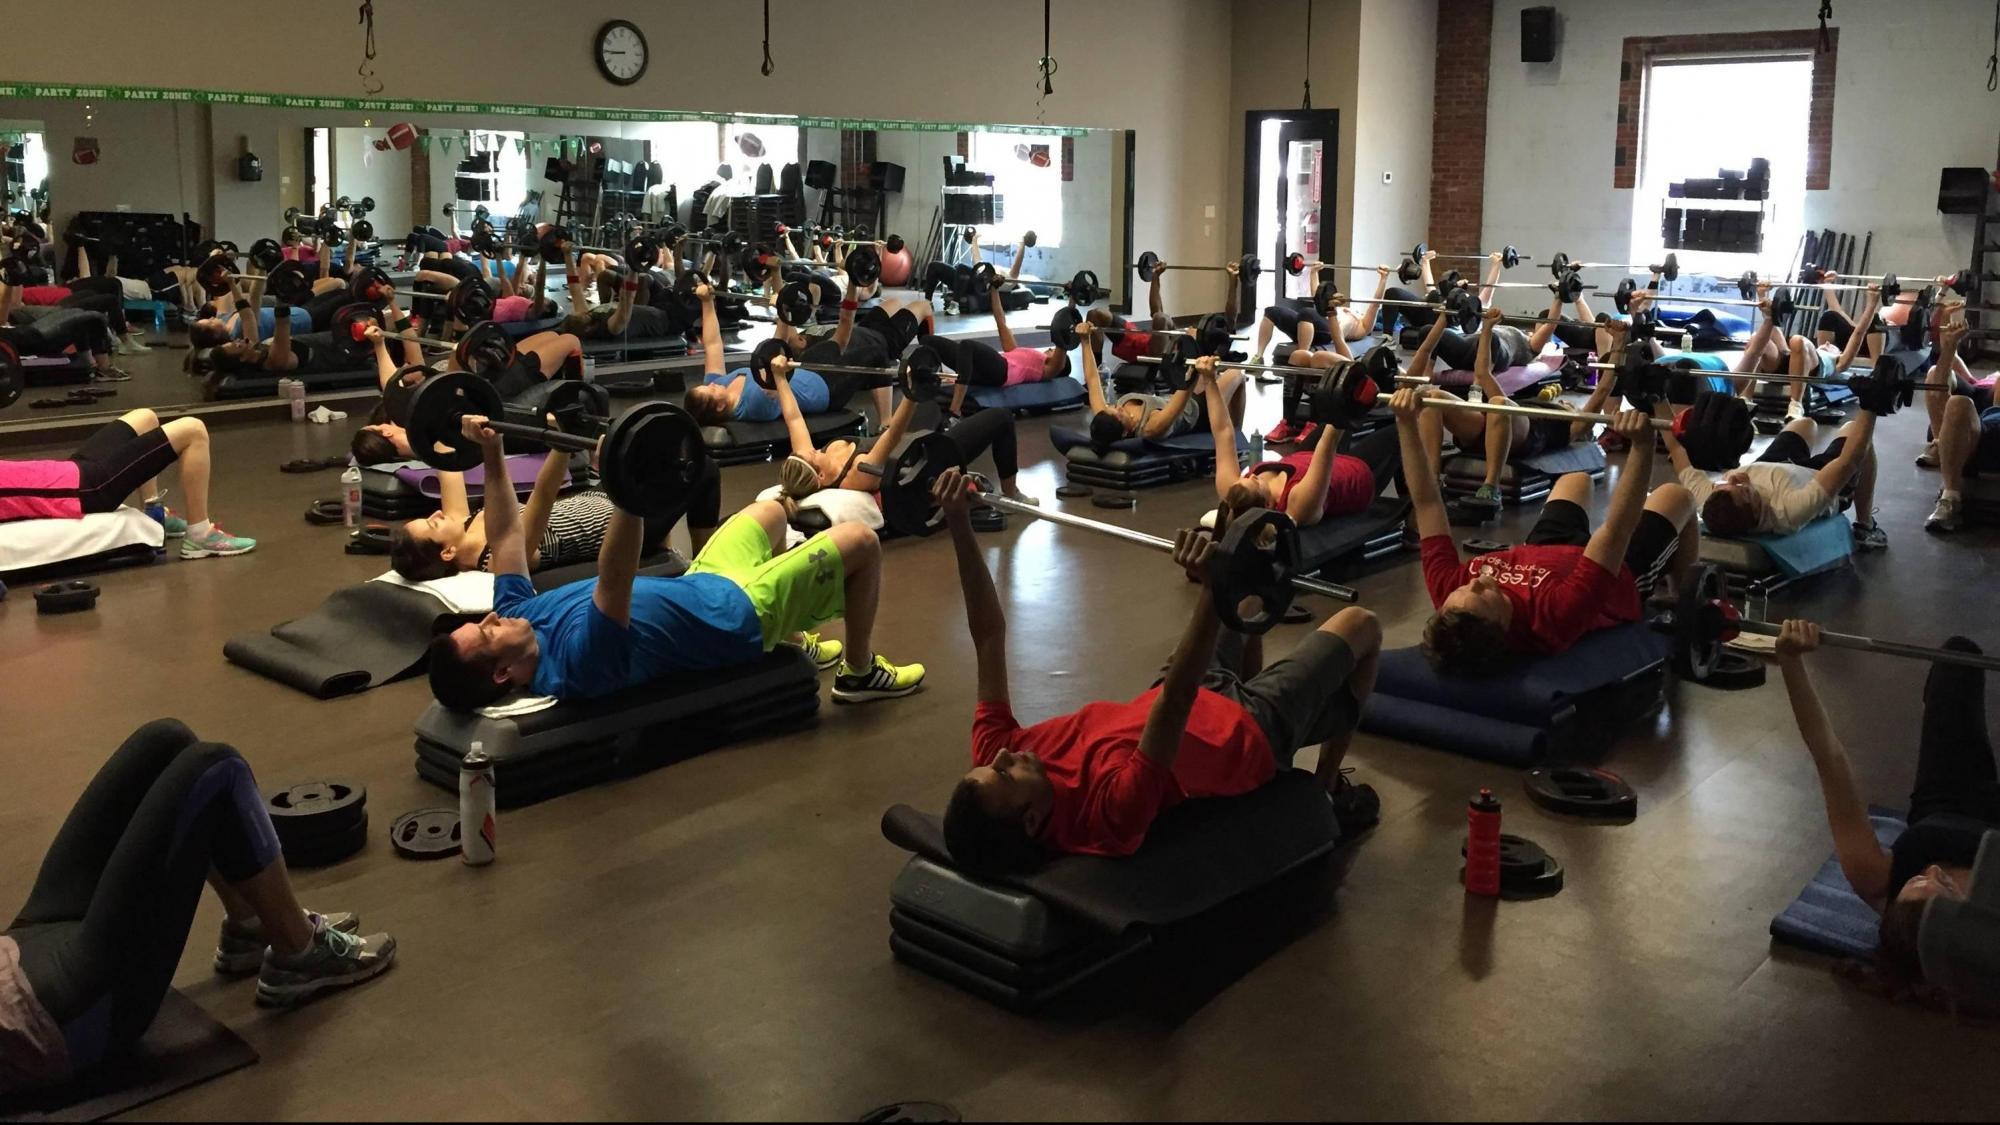 O2 Fitness: FREE workouts February 23-25 :: WRAL com